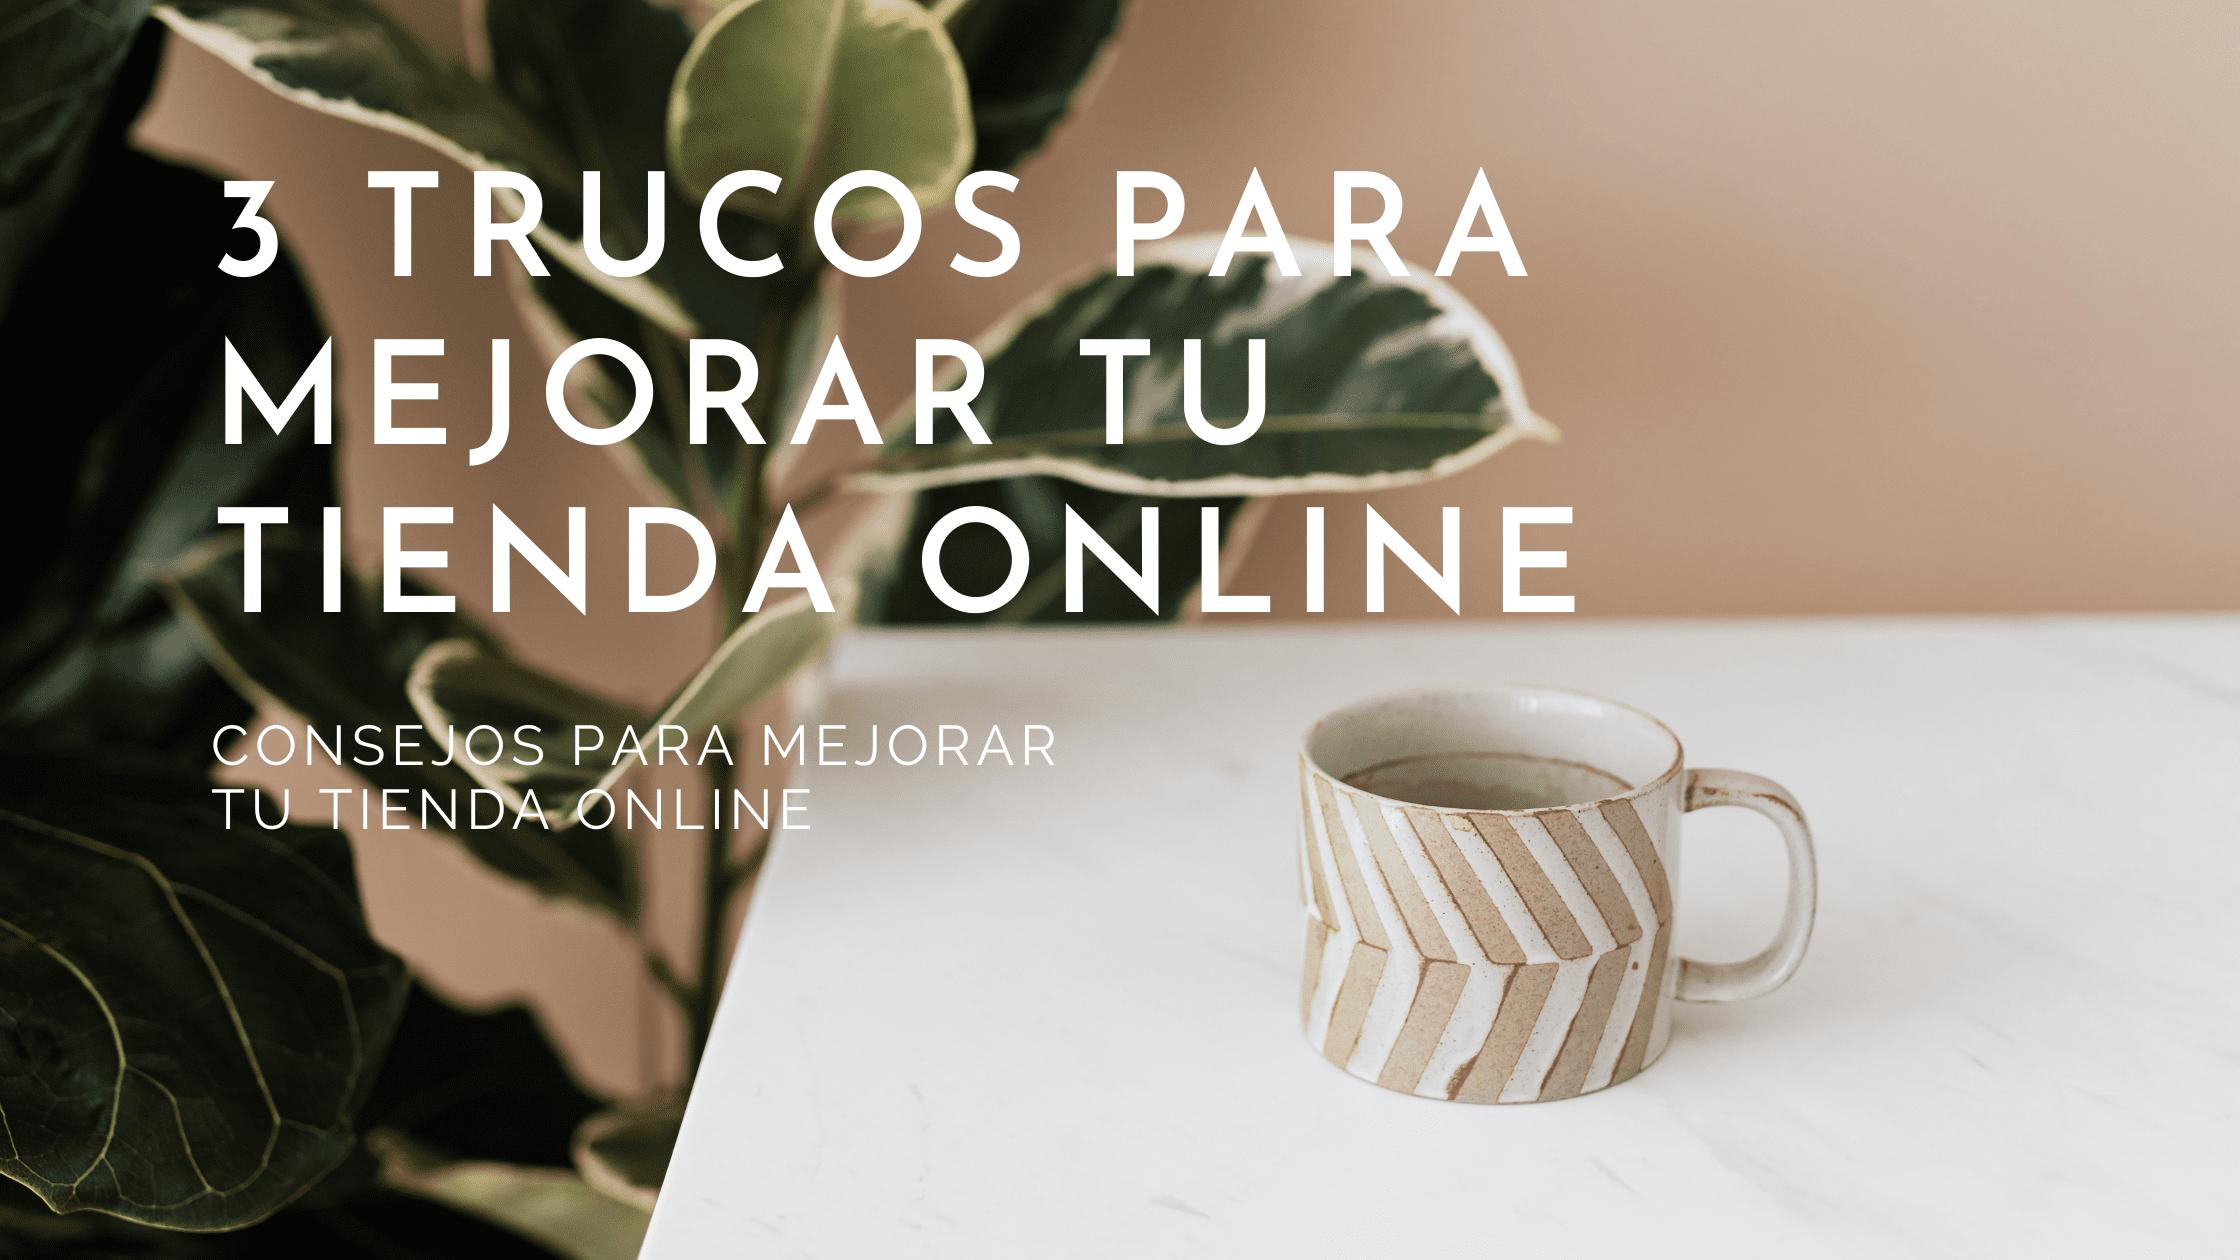 trucos-para-mejorar-tu-tienda-online